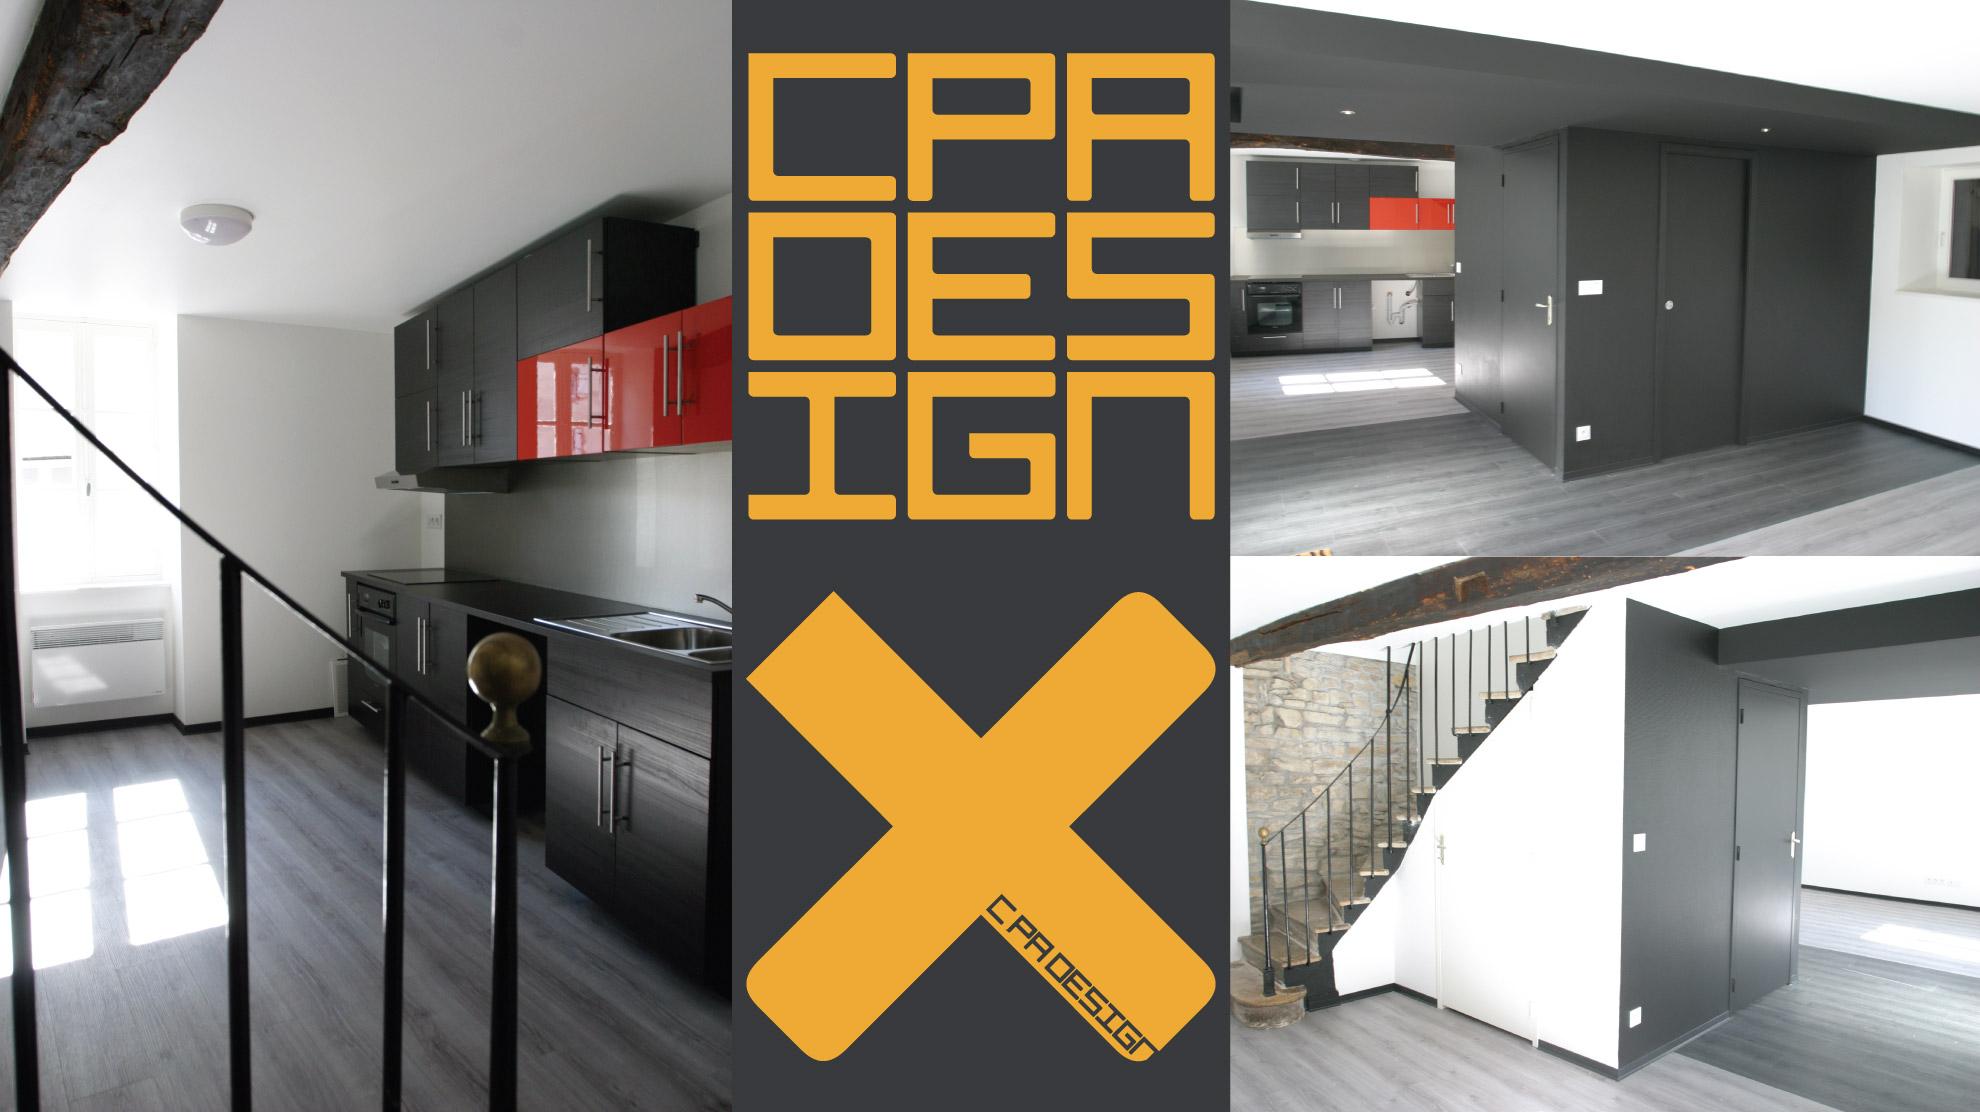 c_pa_design_produit_design_mobilier_realisation_architecture-interieure (3)